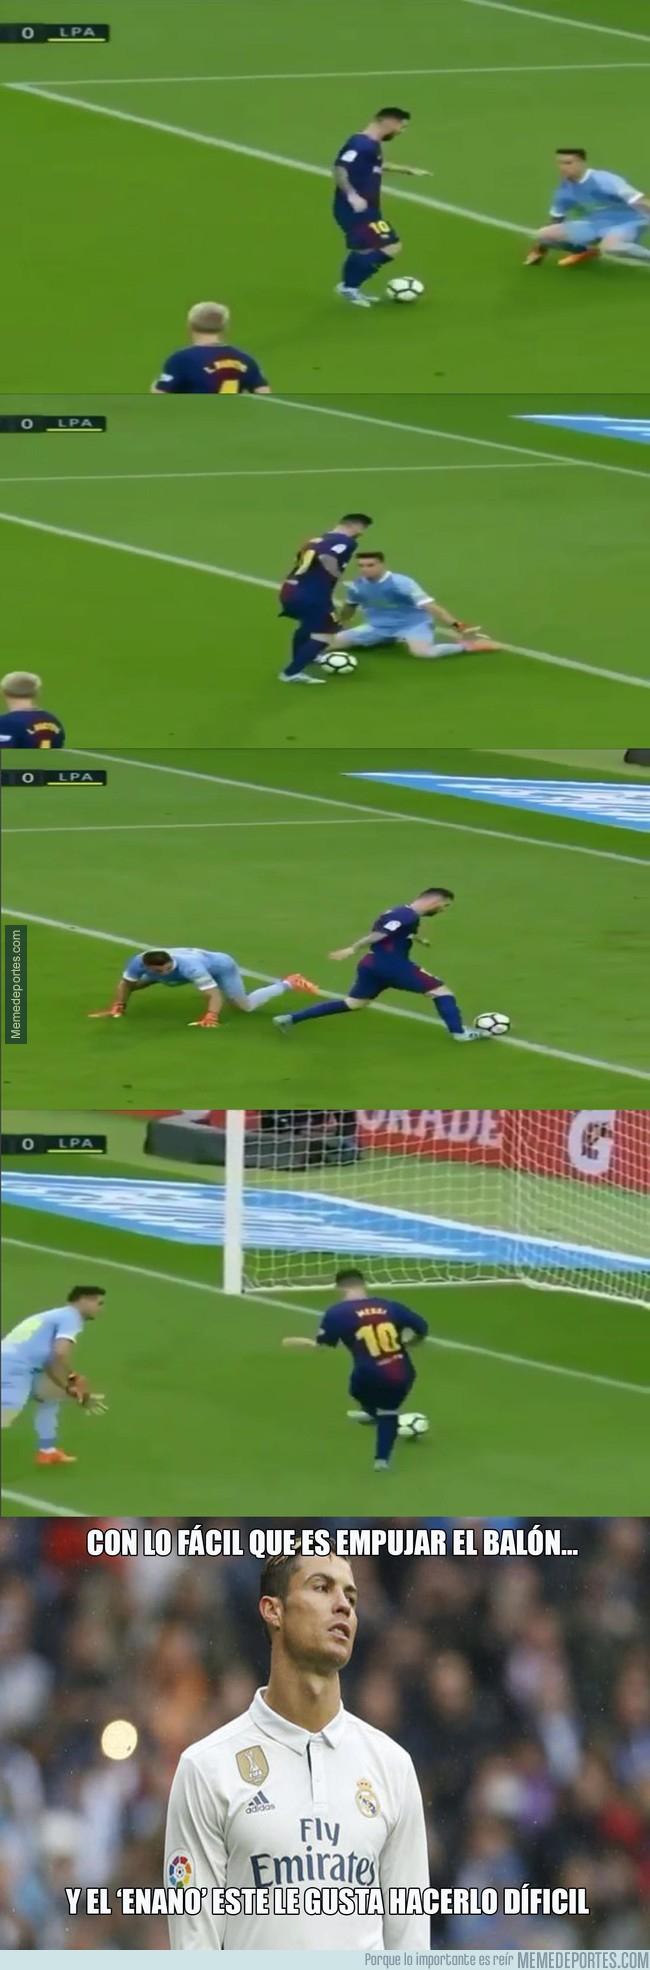 1001795 - La magia de Leo Messi